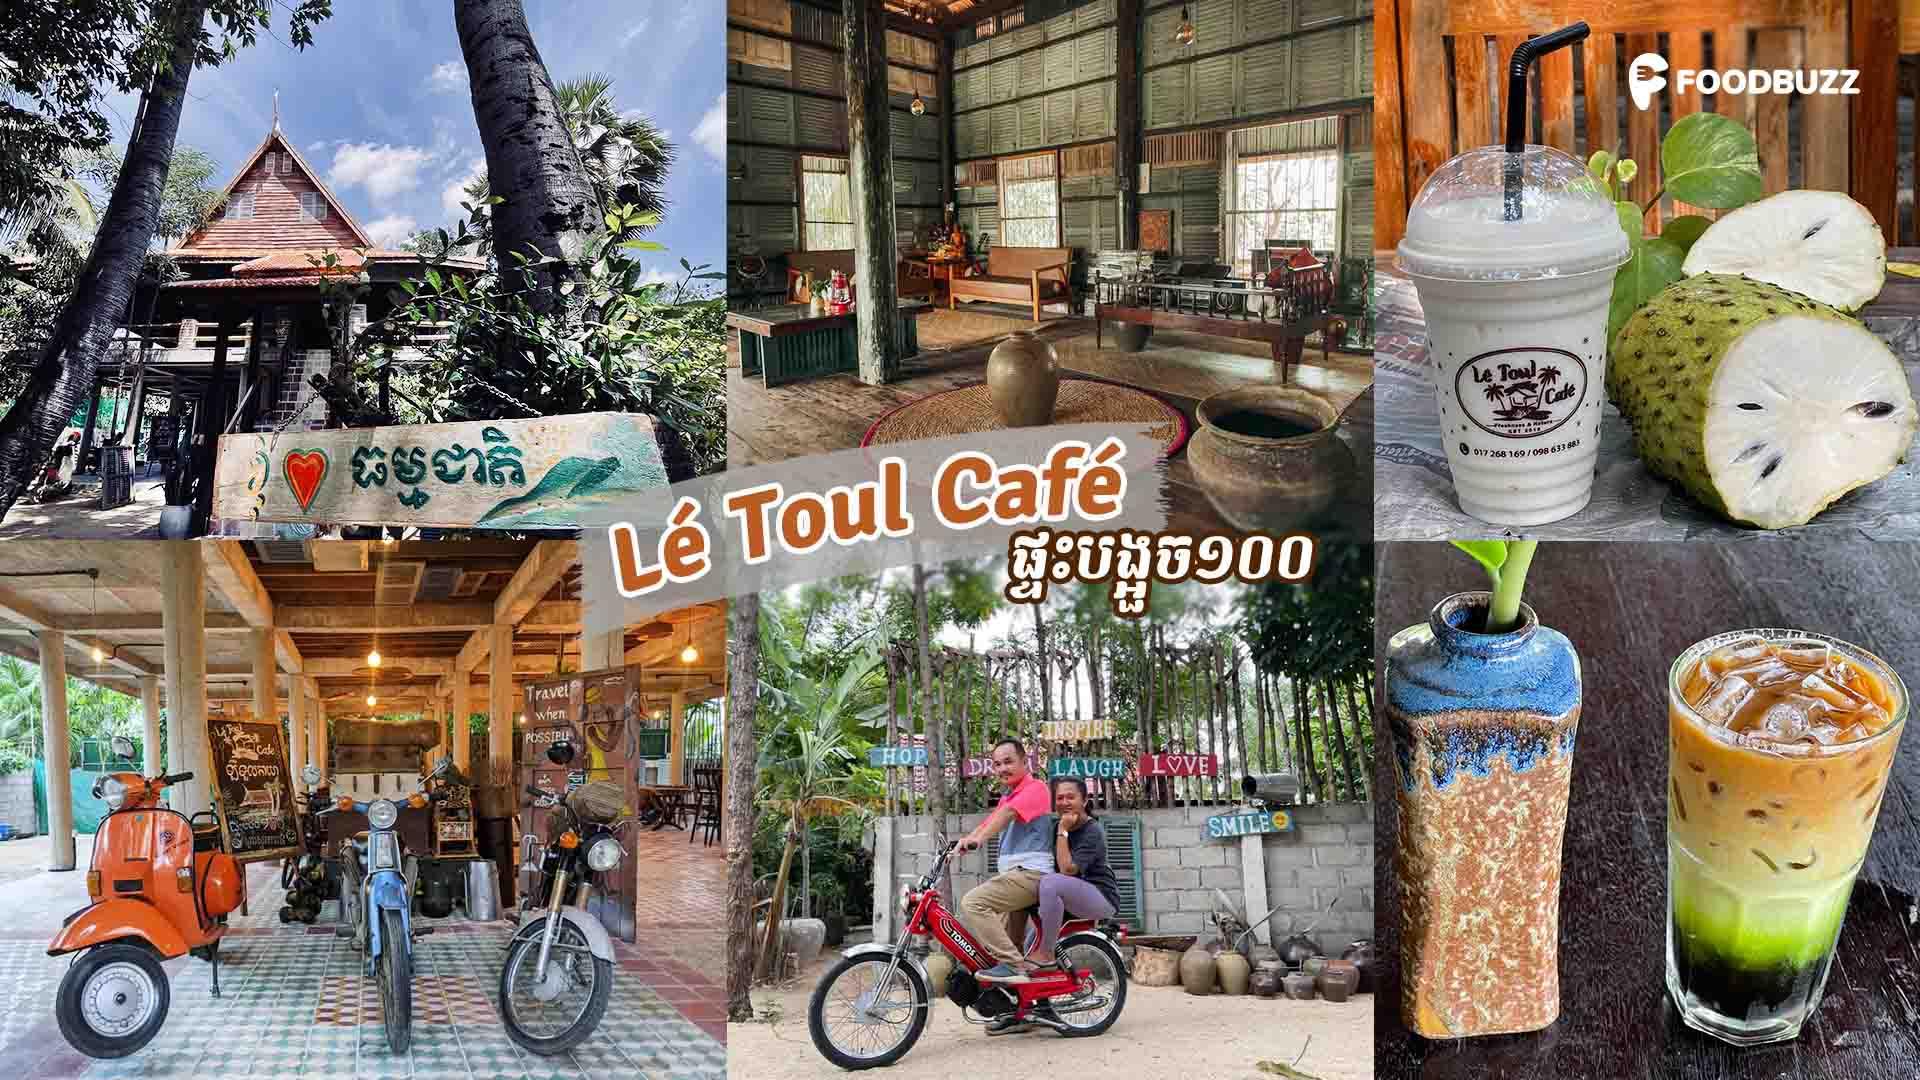 Lé Toul Café - ផ្ទះបង្អួច១០០៖ ហាងកាហ្វេរចនាបែបបុរាណខ្មែរ មានទីតាំងនៅជាយក្រុងដាច់ឆ្ងាយពីភាពអ៊ូអរ